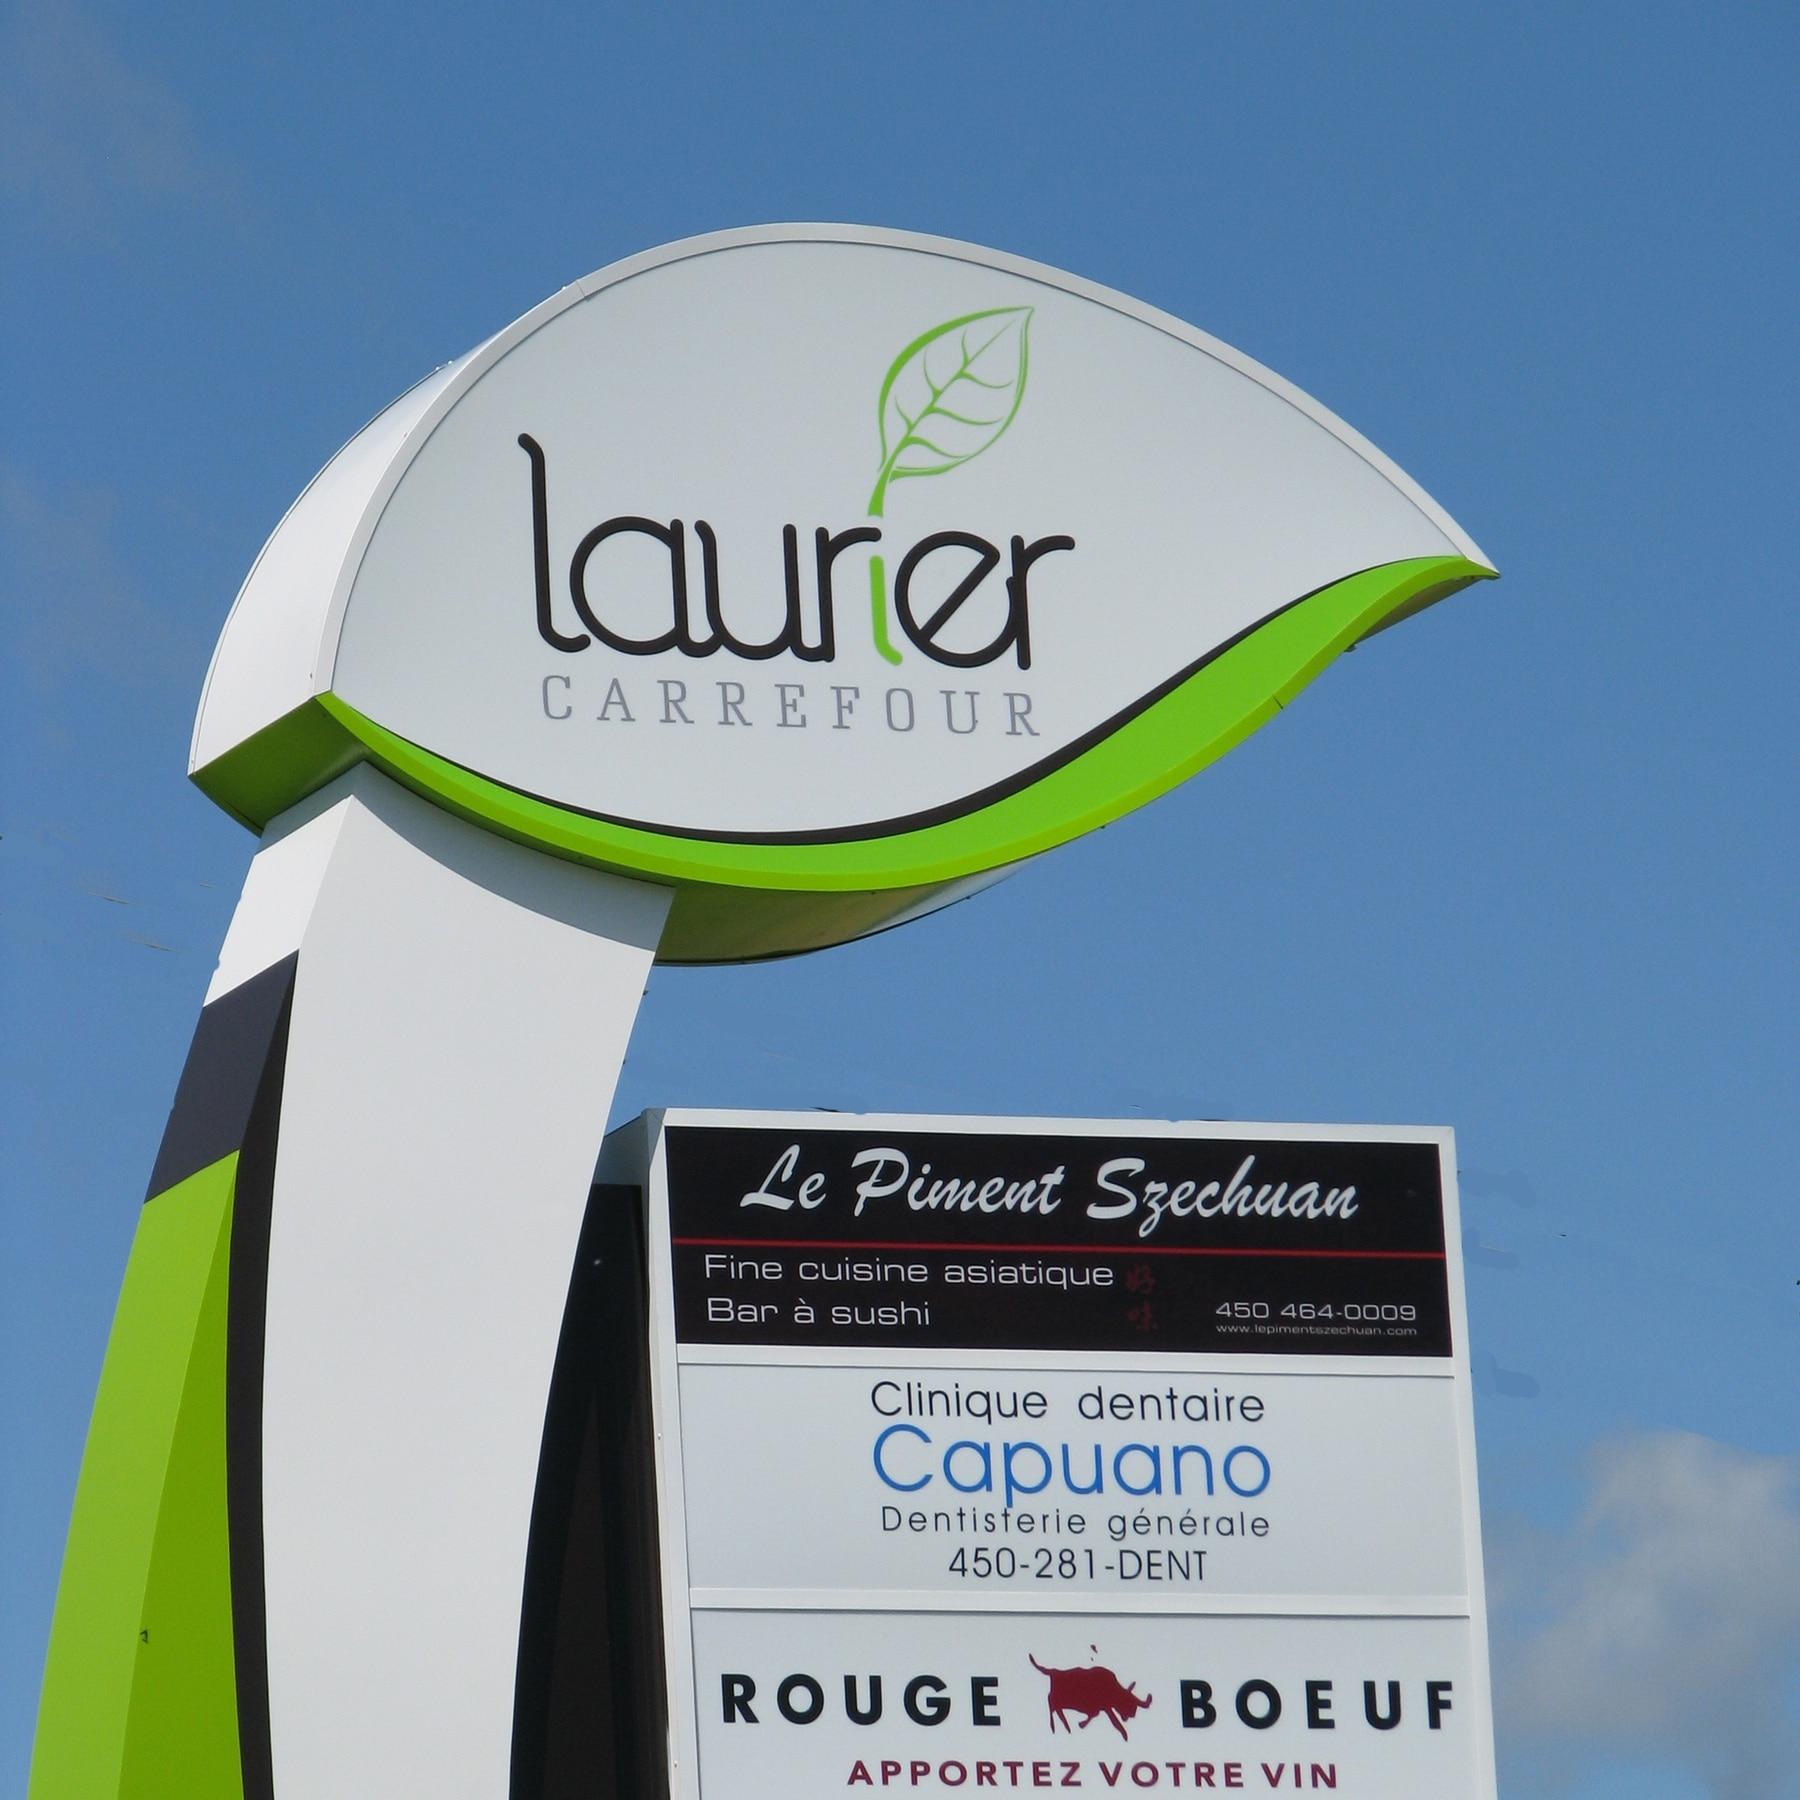 Laurier Carrefour enseigne